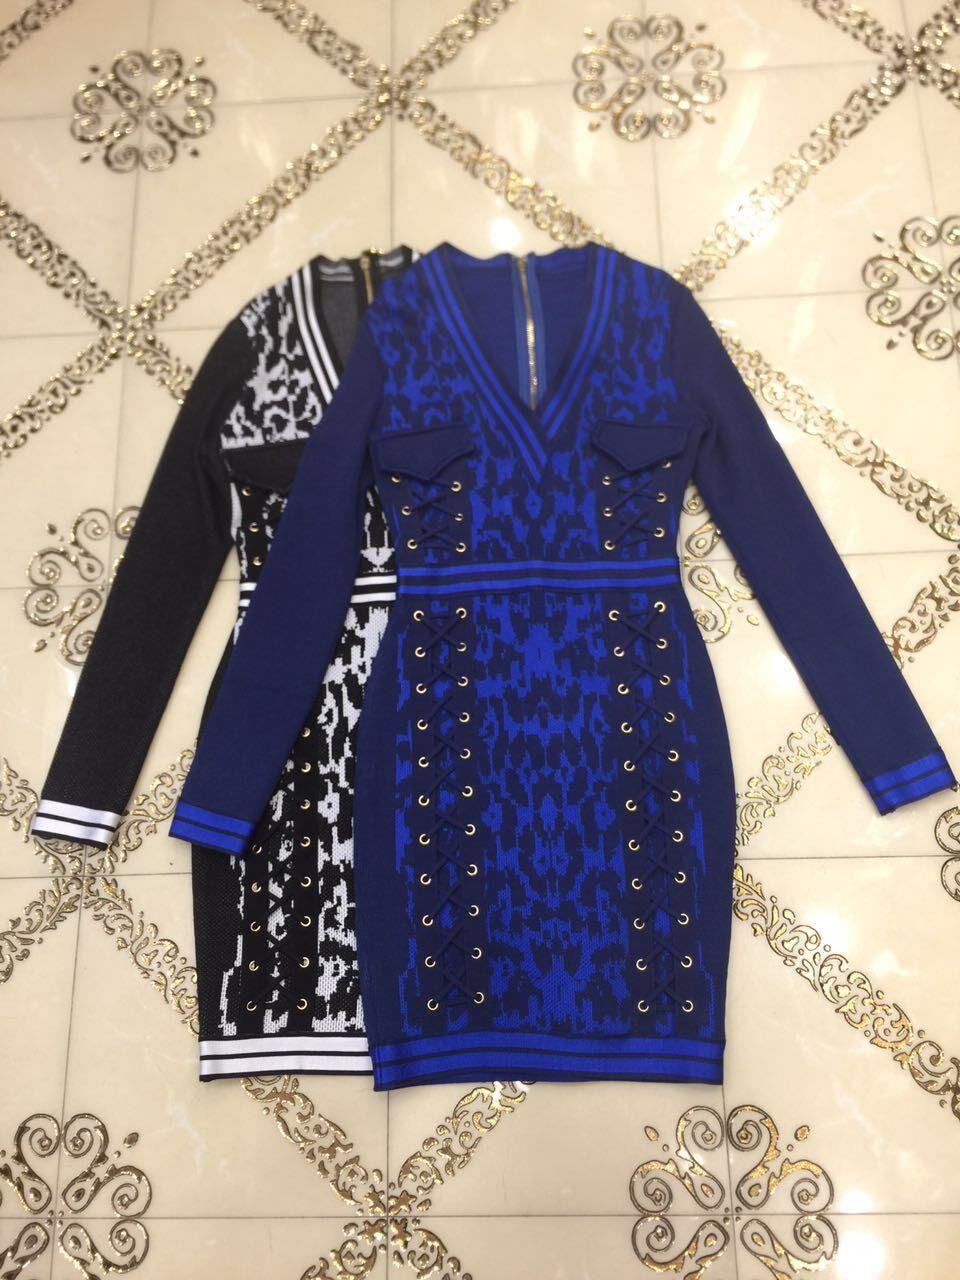 Del Mini Di Fasciatura Scollo All'ingrosso Elegante A Aderente Con V Dalla Da Alta Vestito Blu Nero Rayon Qualità Partito Manica Lunga AOCqTwO